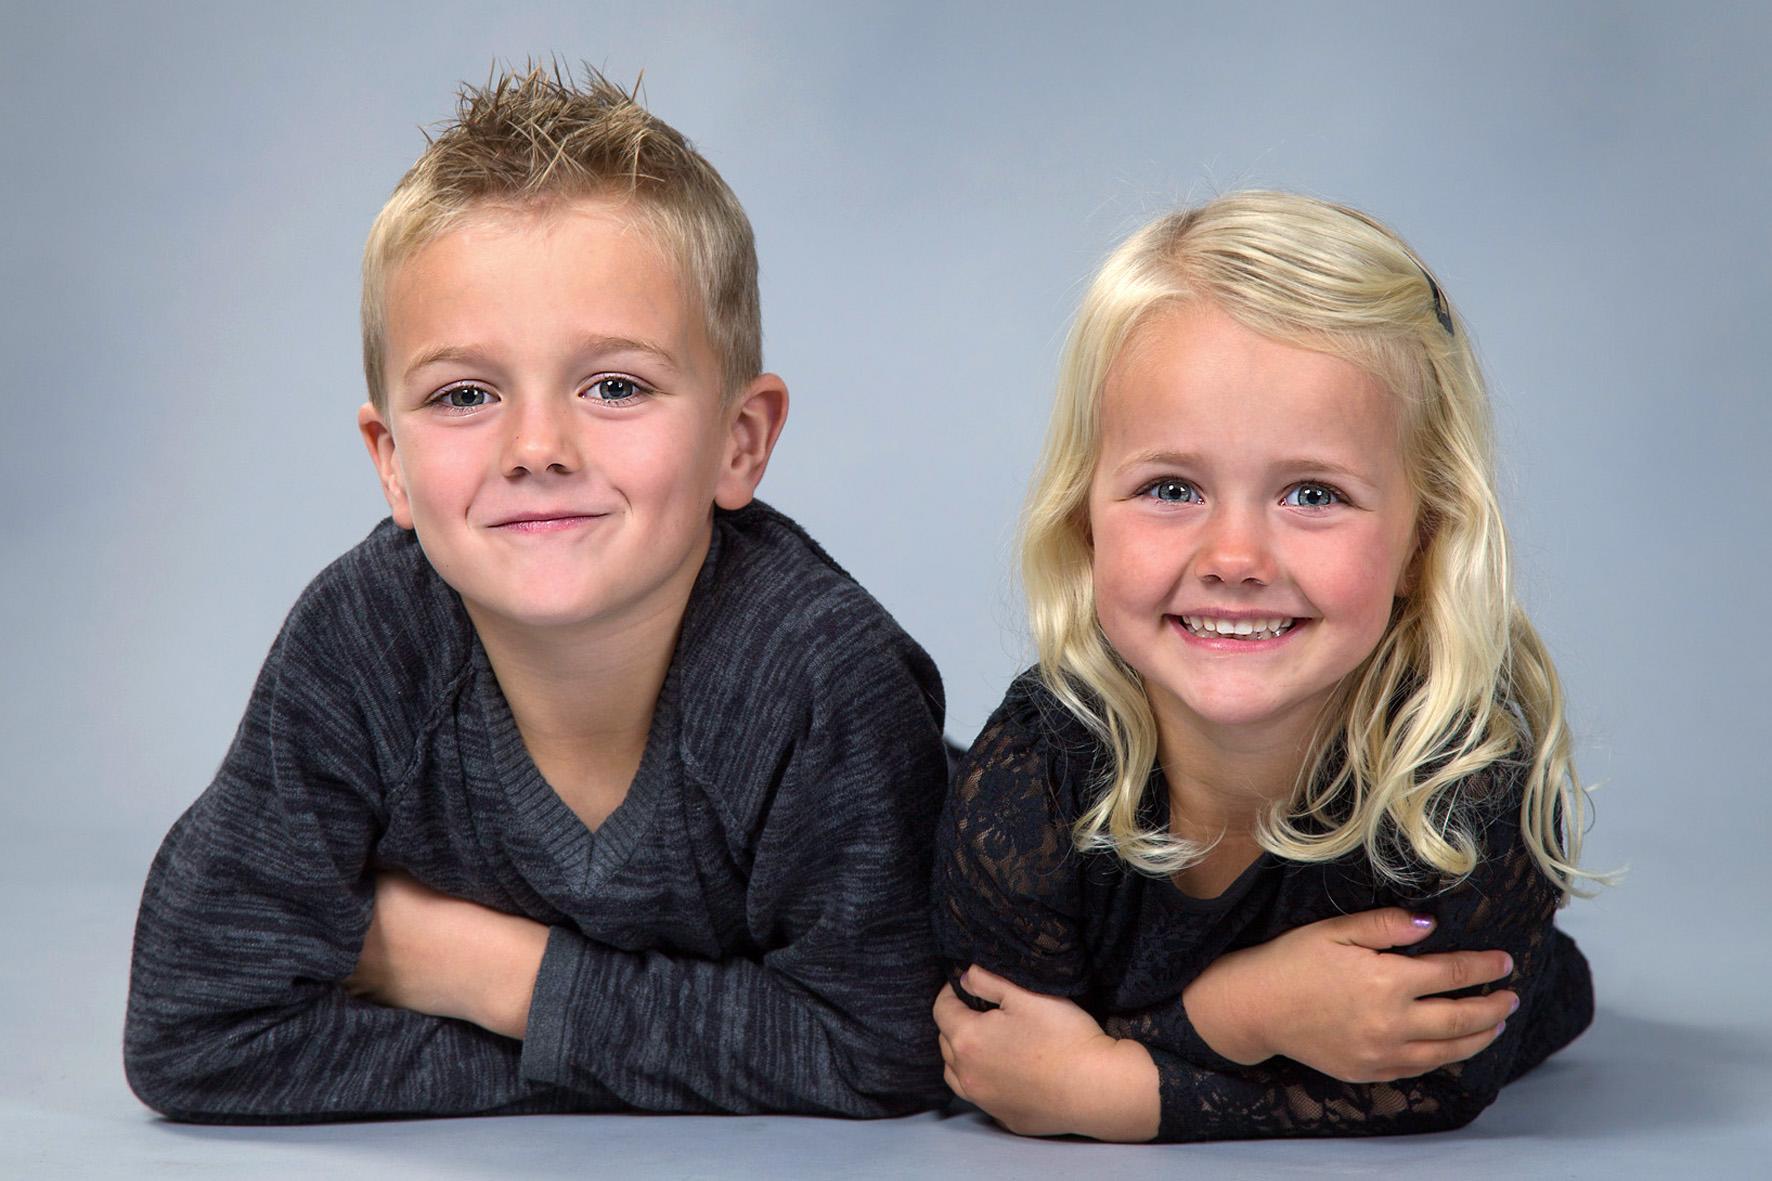 Børnefotograf - dreng og pige i farve